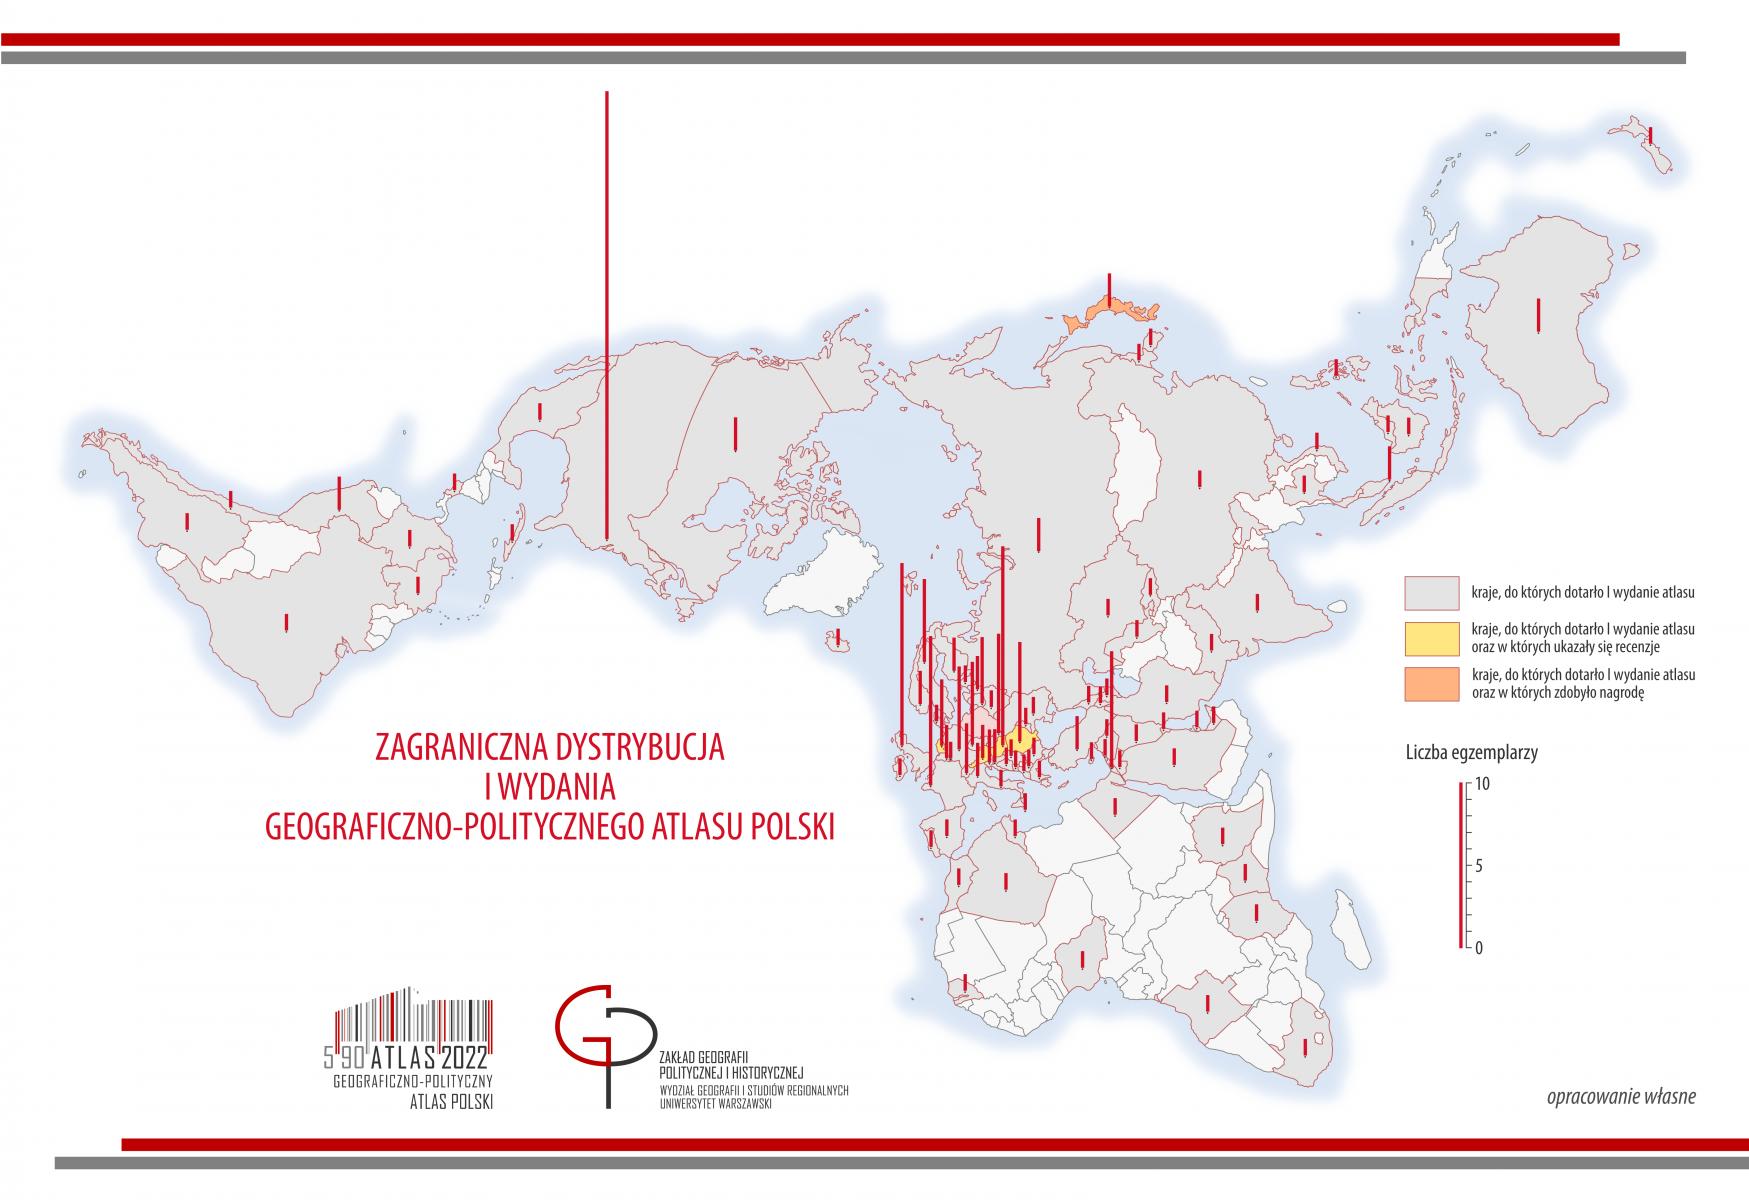 ATLASOWE CIEKAWOSTKI - zagraniczna dystrybucja atlasu